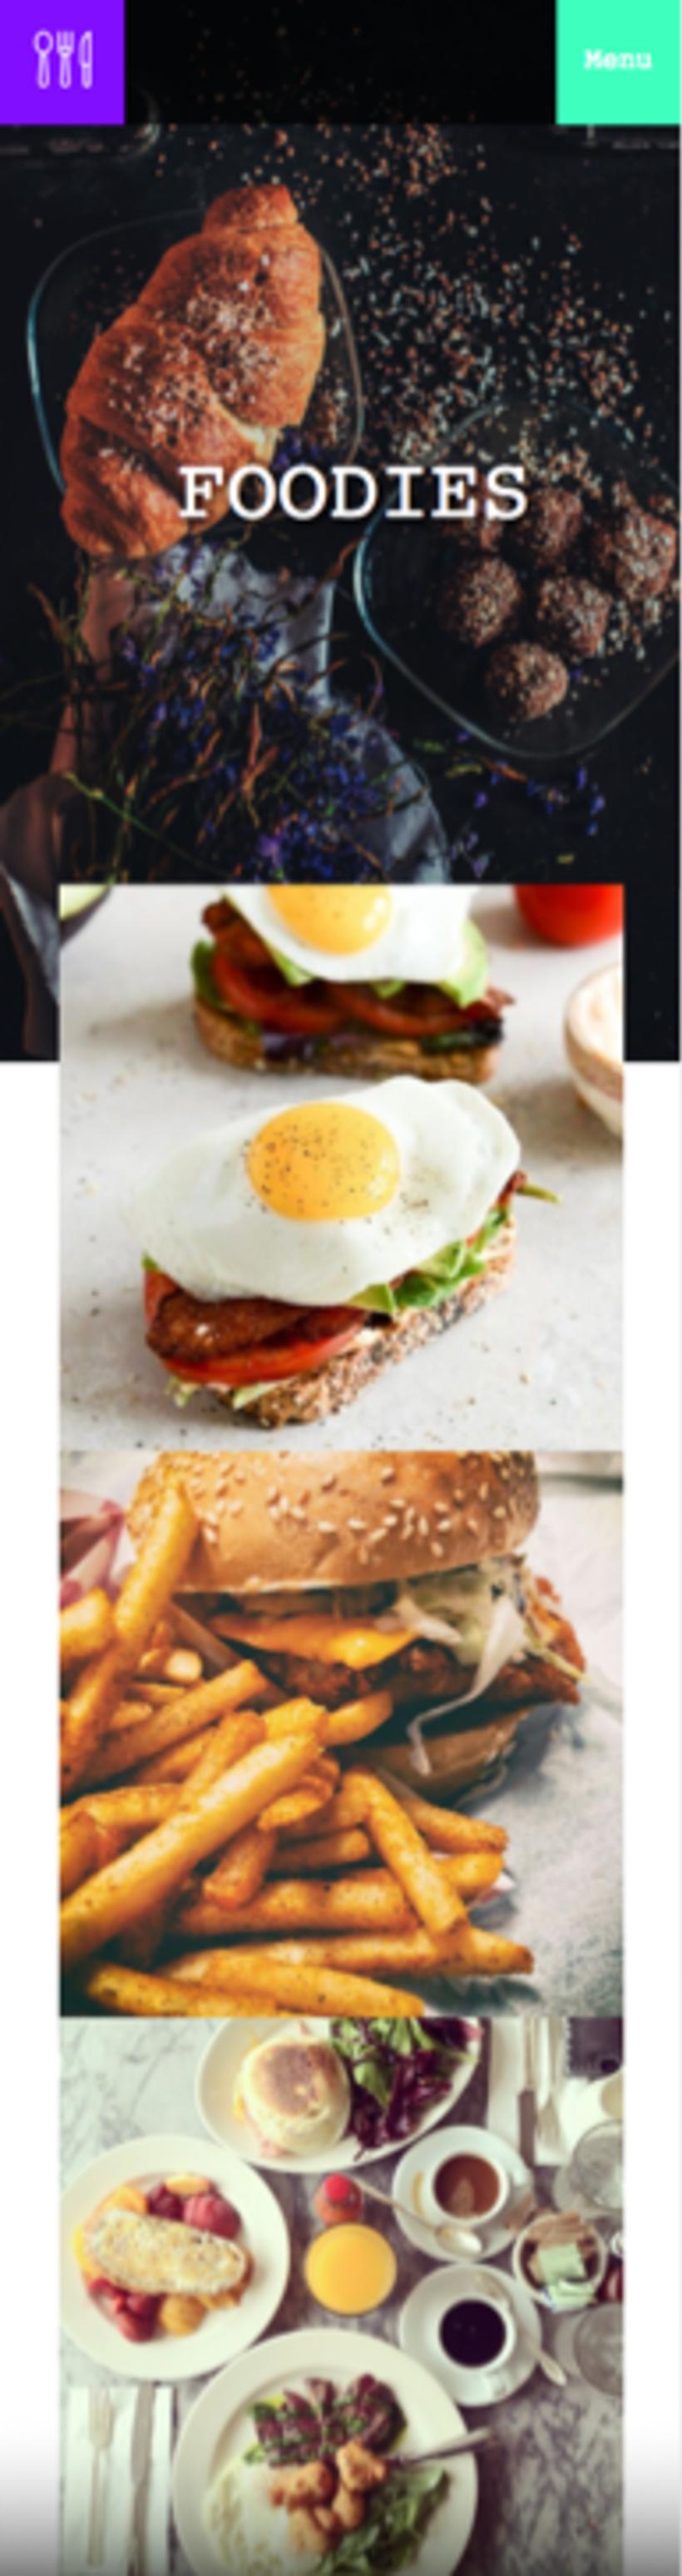 Foodies - Mi Proyecto del curso: Técnicas de Desarrollo Web con HTML5 y CSS3 2